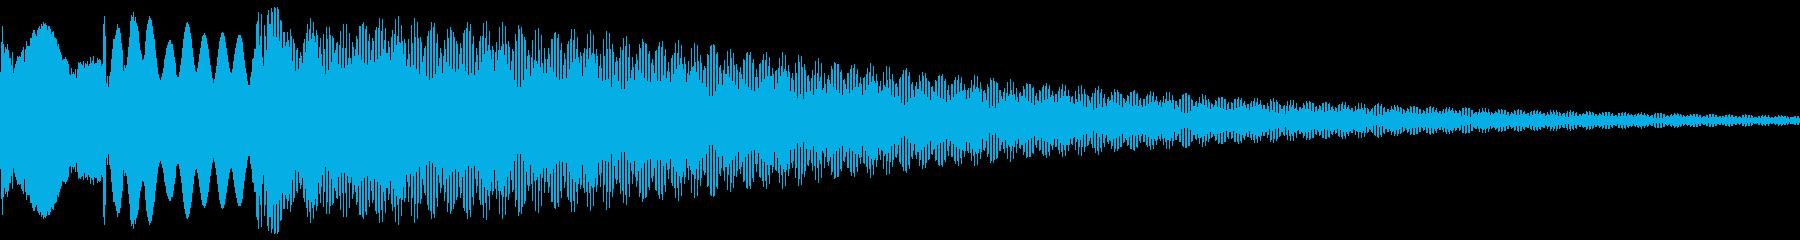 獲得音等の再生済みの波形